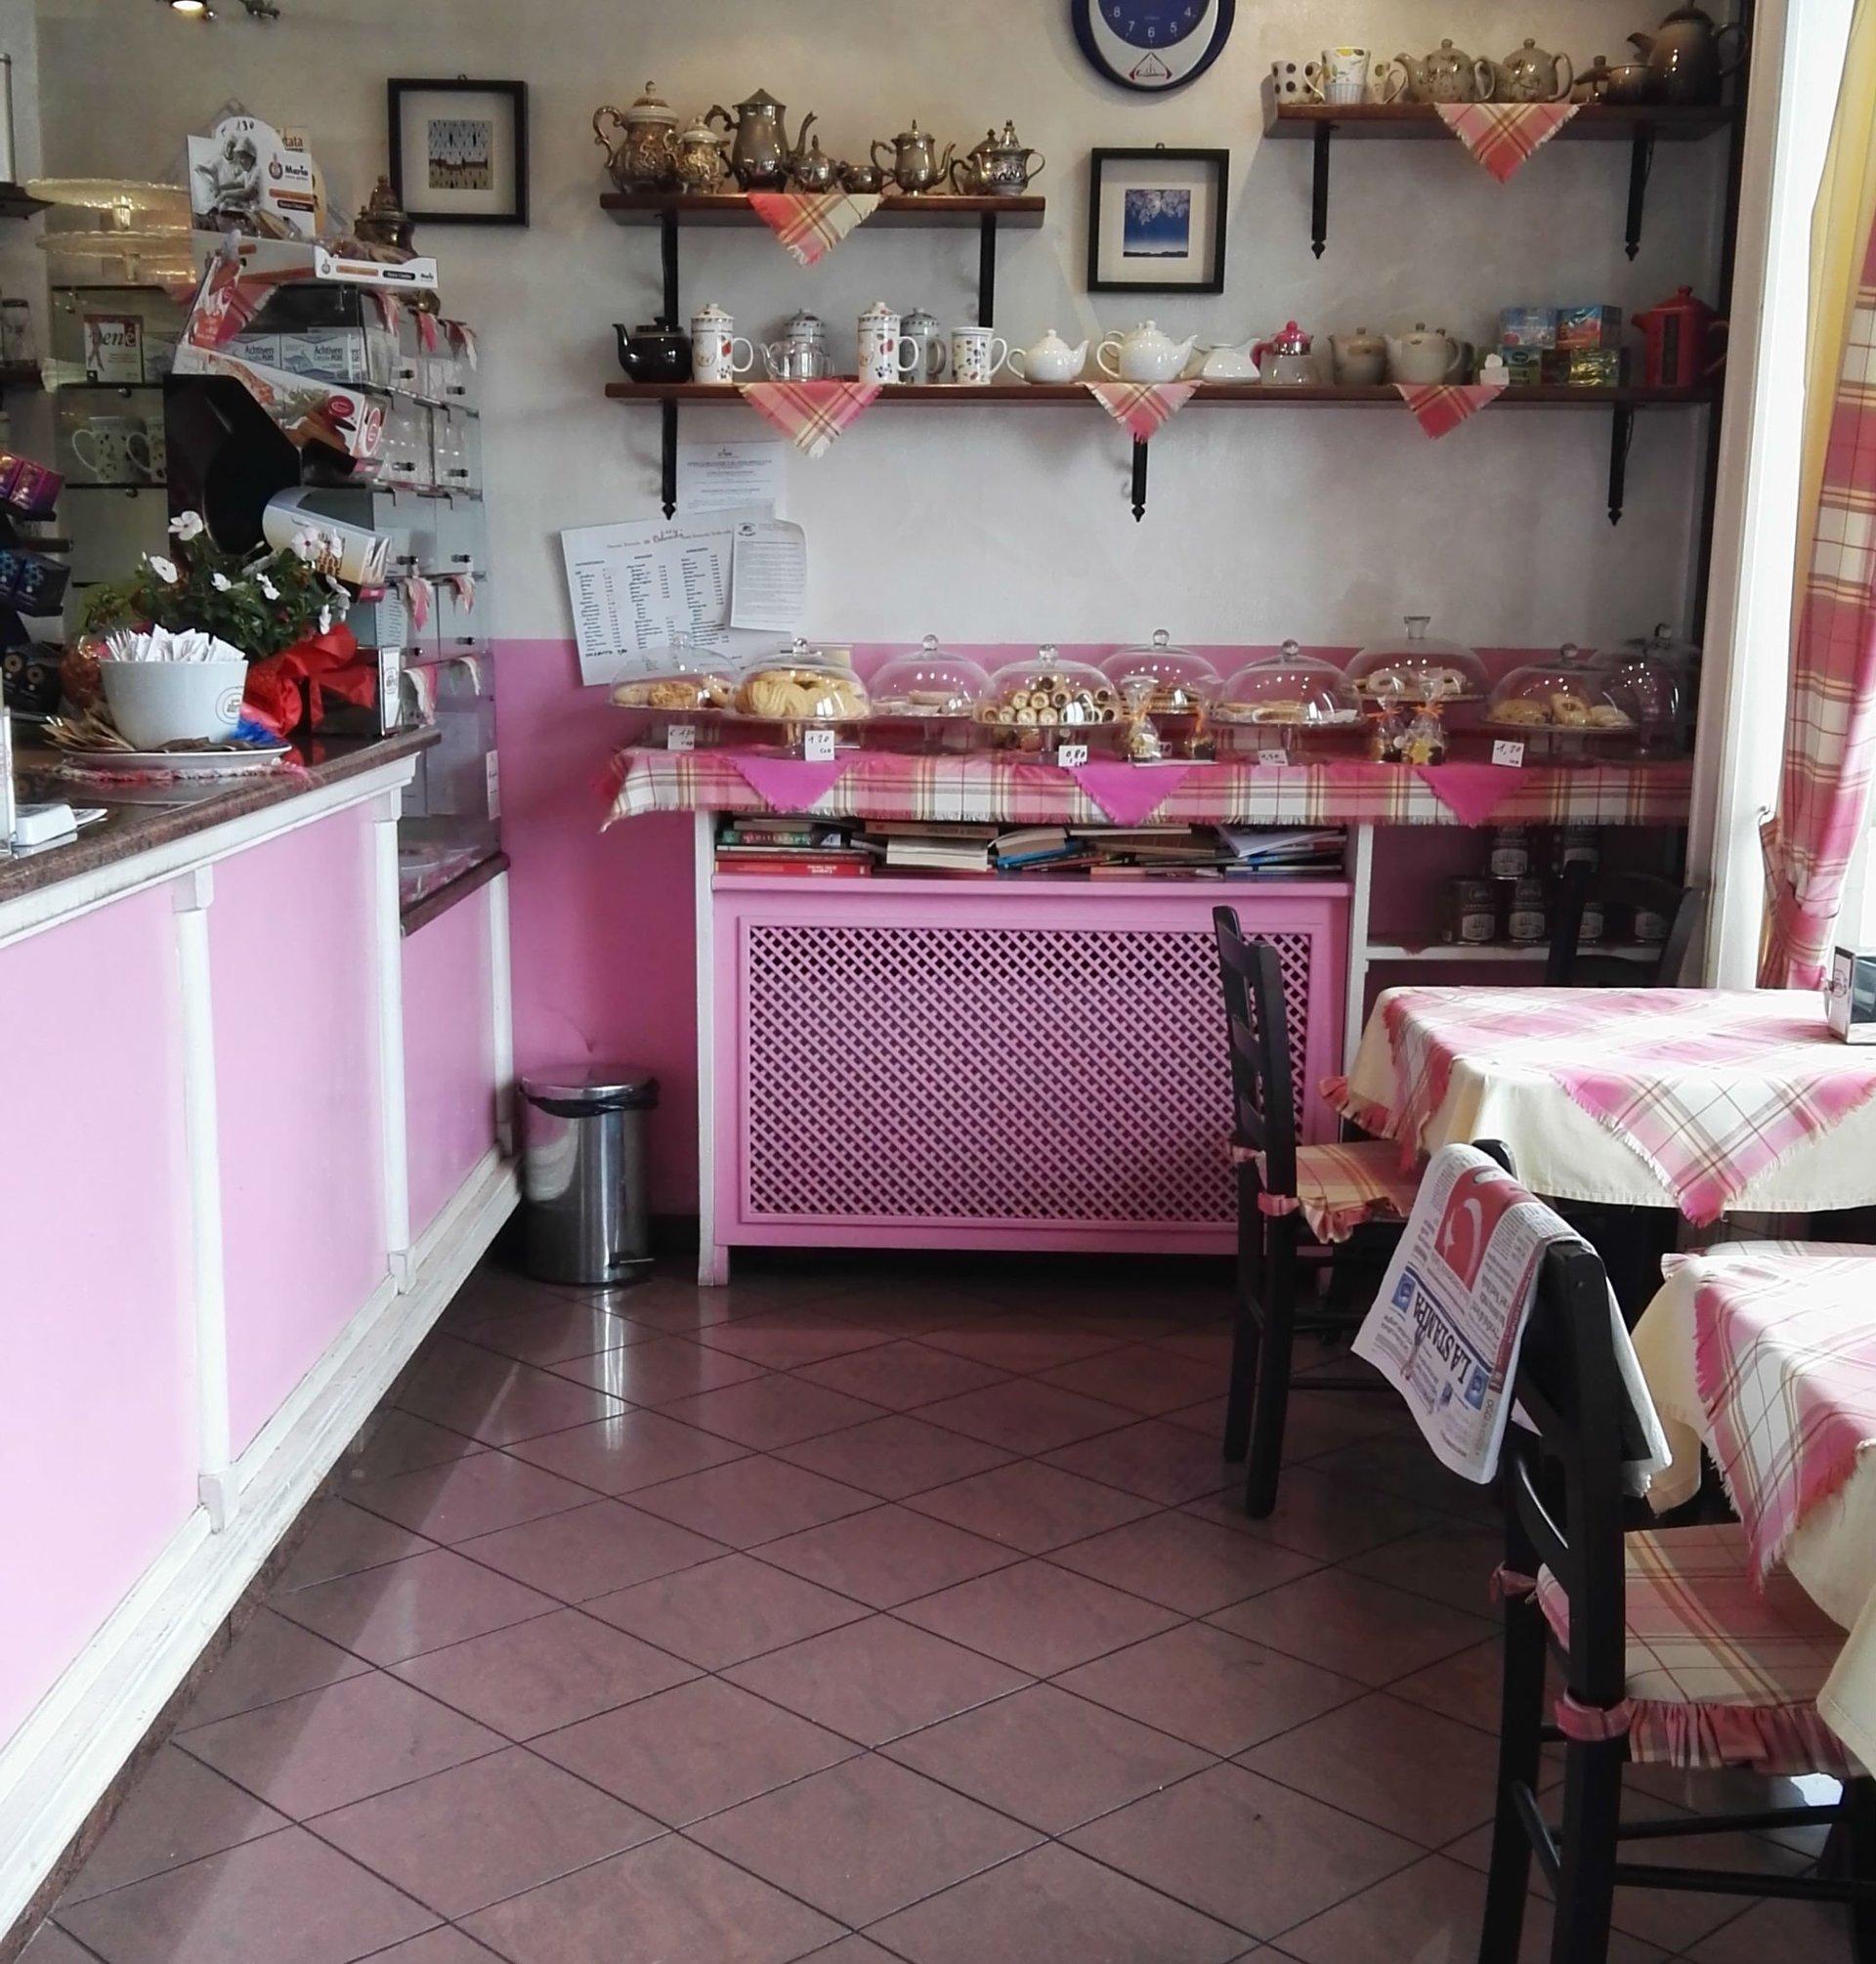 un bancone e delle torte dentro a dei porta torta